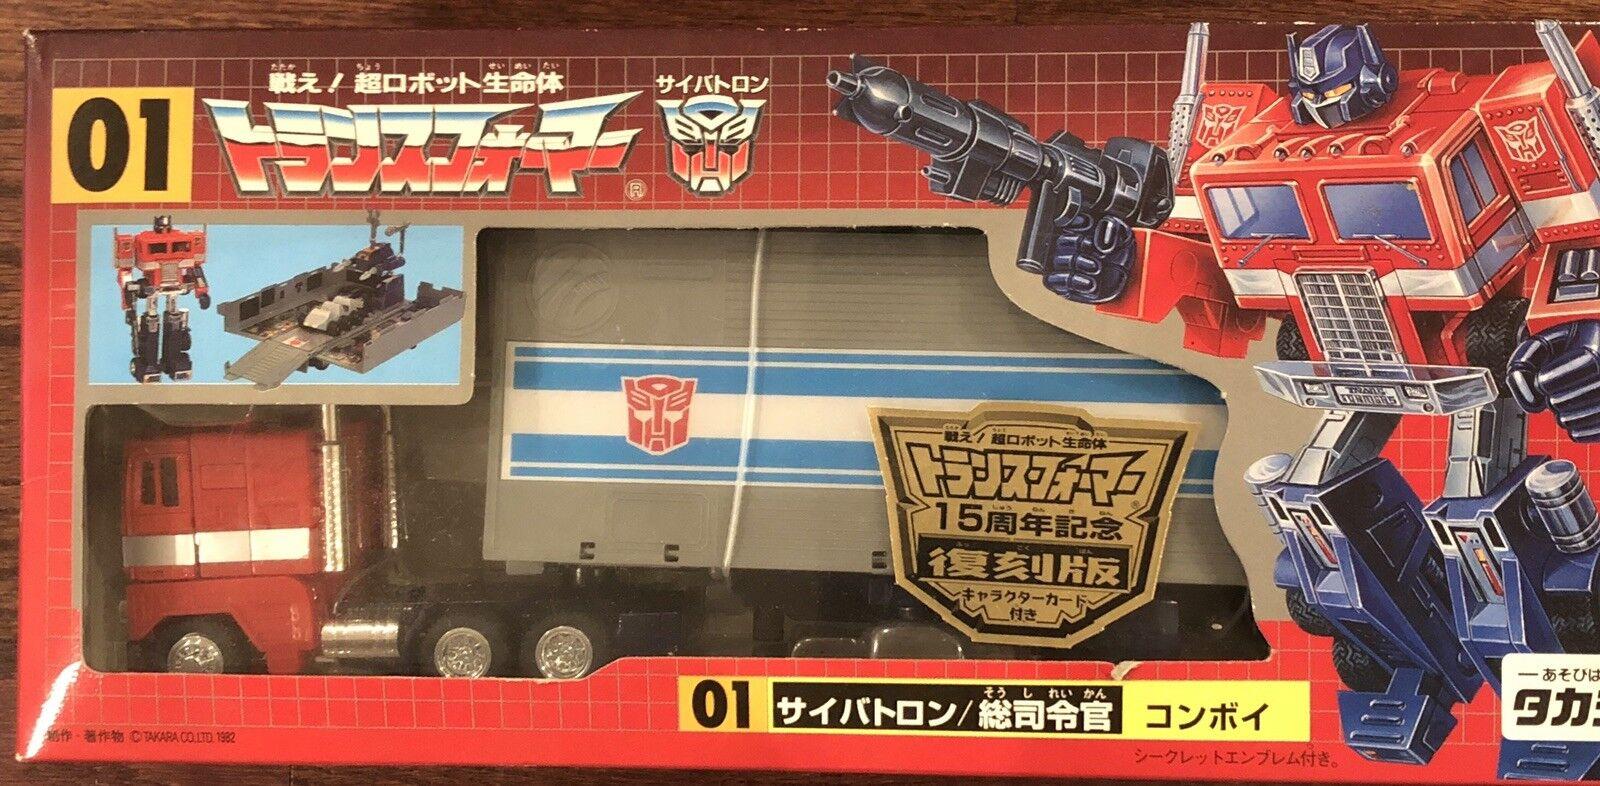 alto descuento Transformers Optimus Prime Hasbro japcon (Japón (Japón (Japón 2000) G1  Sellado  Original En Caja Sellada   lo último